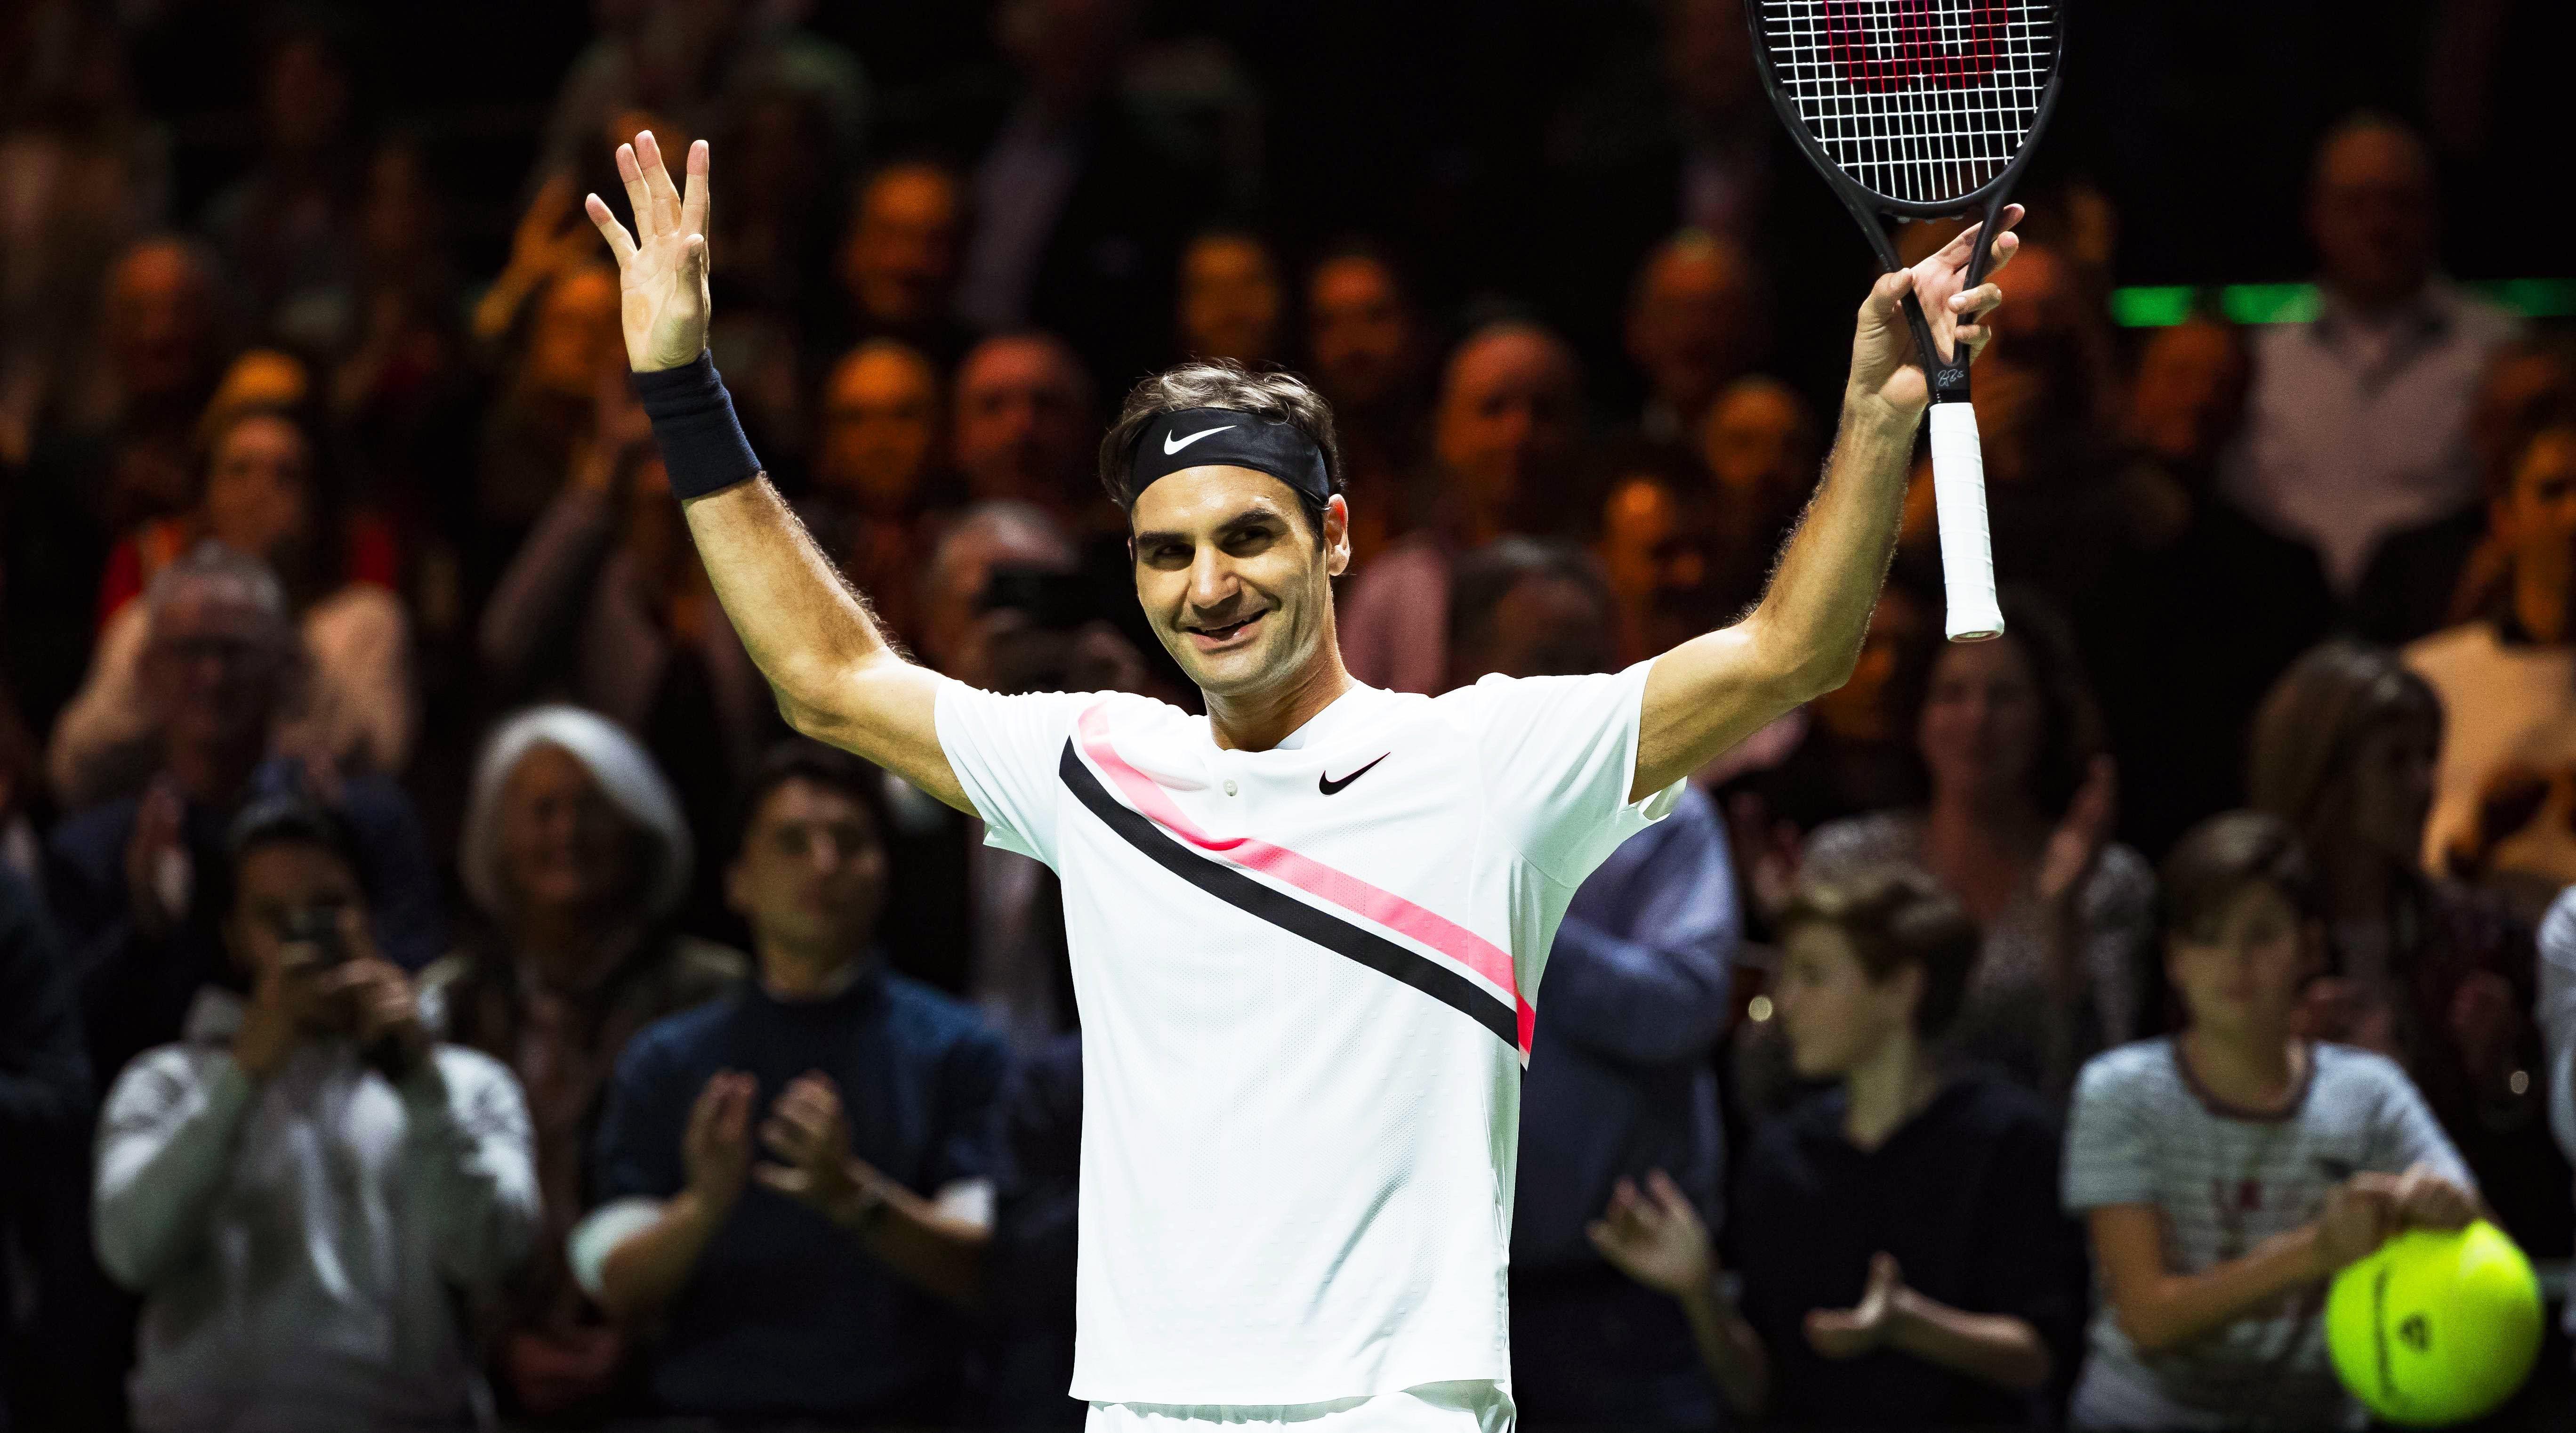 Federer avanzó a la final. Foto: EFE